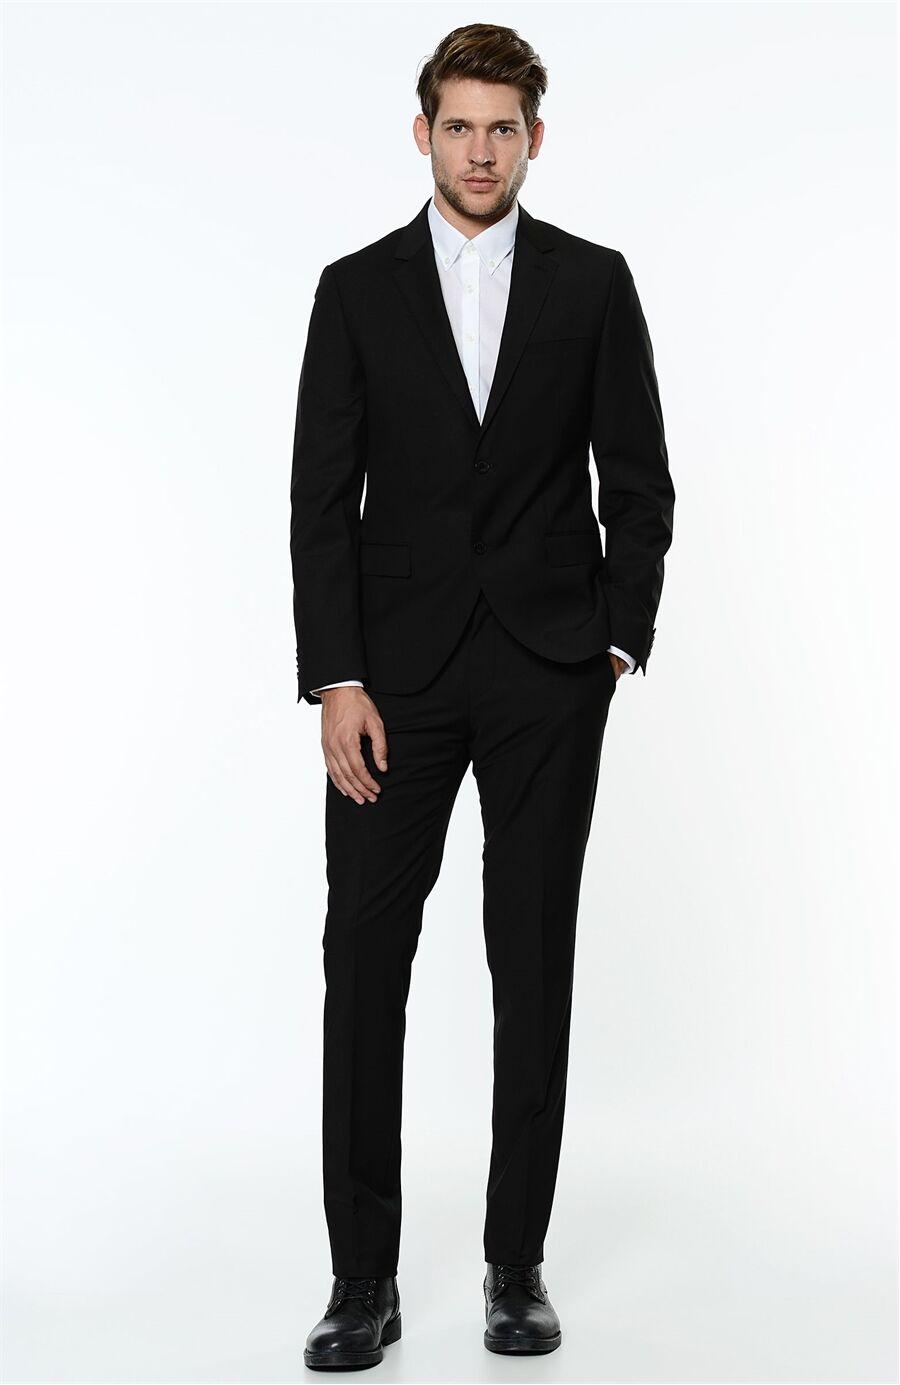 Rahat Kesim Siyah Takım Elbise